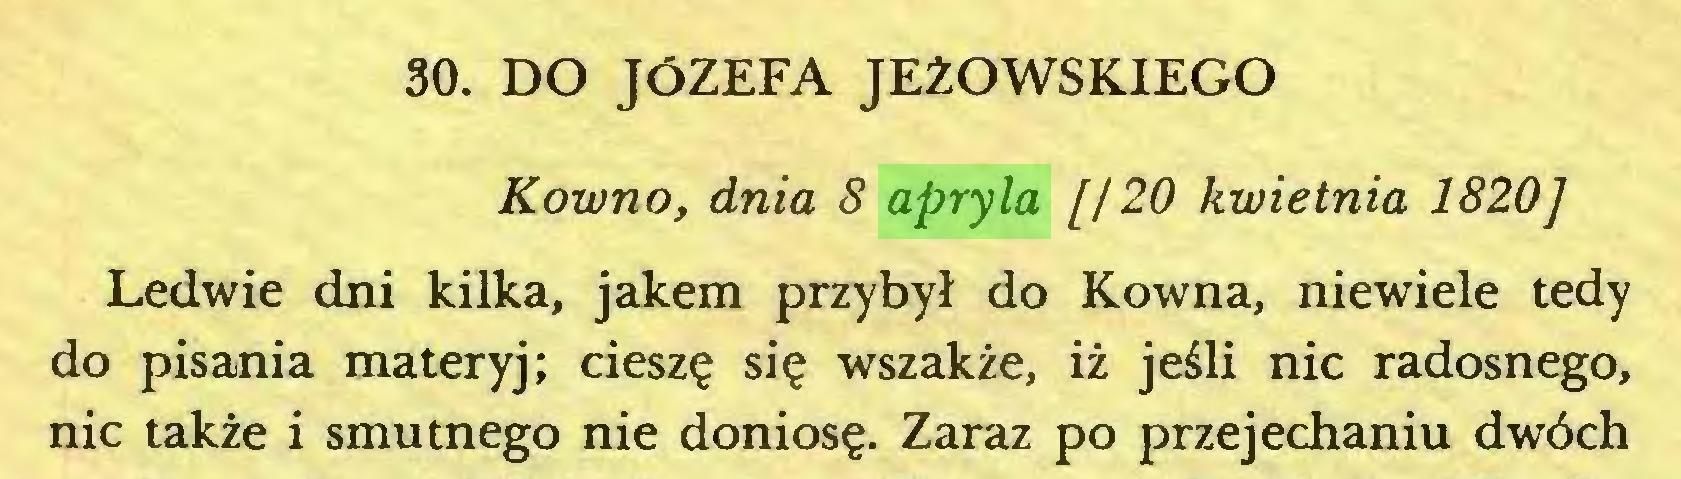 (...) 30. DO JÓZEFA JEŻOWSKIEGO Kowno, dnia 8 apryla [120 kwietnia 1820] Ledwie dni kilka, jakem przybył do Kowna, niewiele tedy do pisania materyj; cieszę się wszakże, iż jeśli nic radosnego, nic także i smutnego nie doniosę. Zaraz po przejechaniu dwóch...